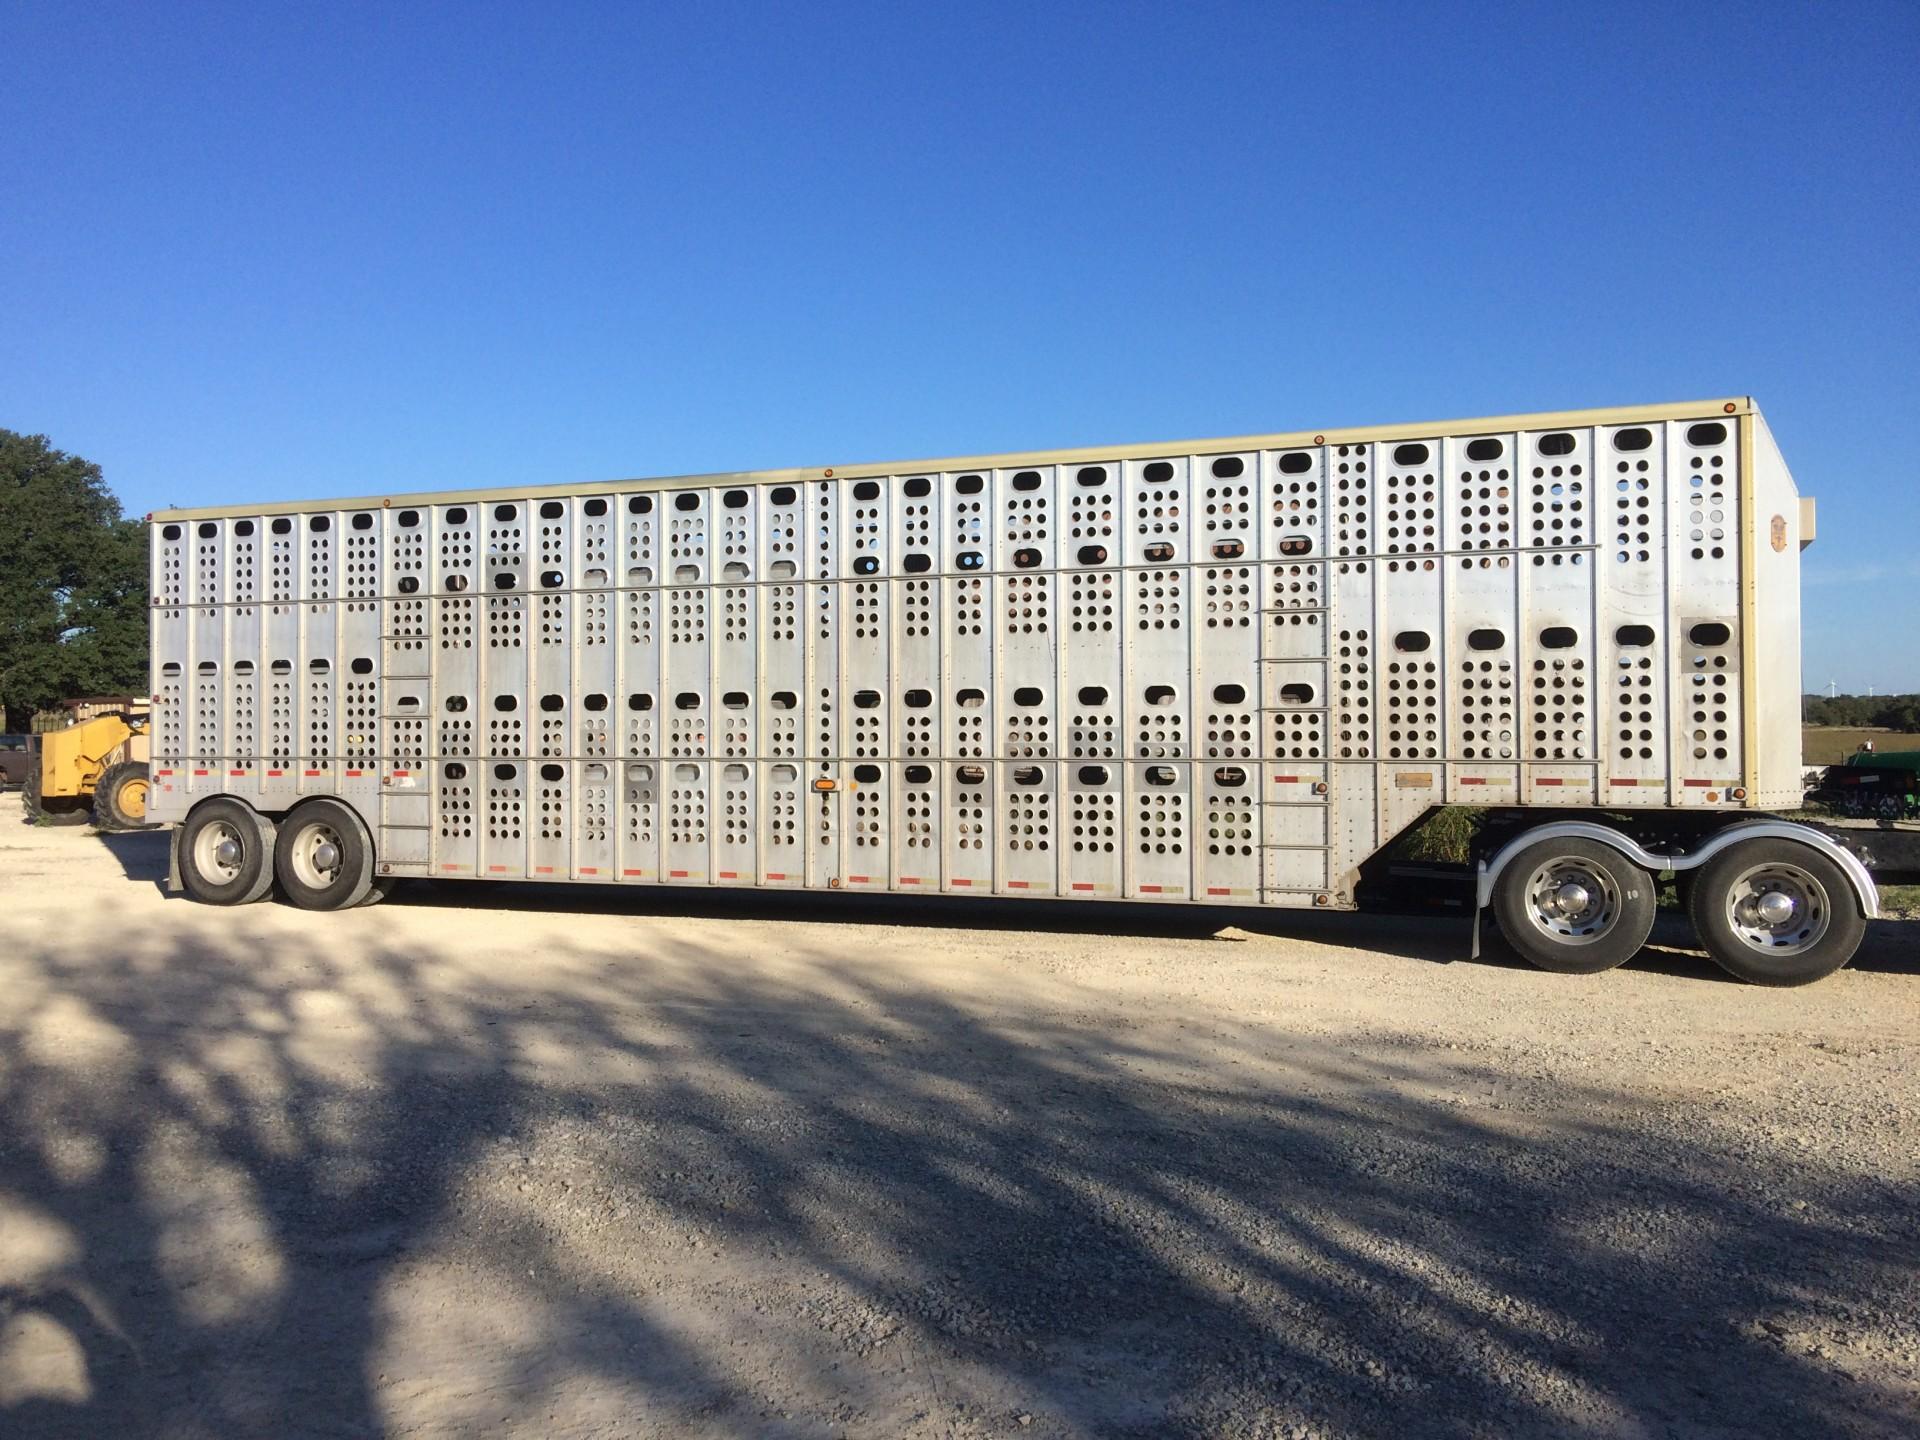 Ranchworldads Trailers >> 98 Merritt Cattle Pot